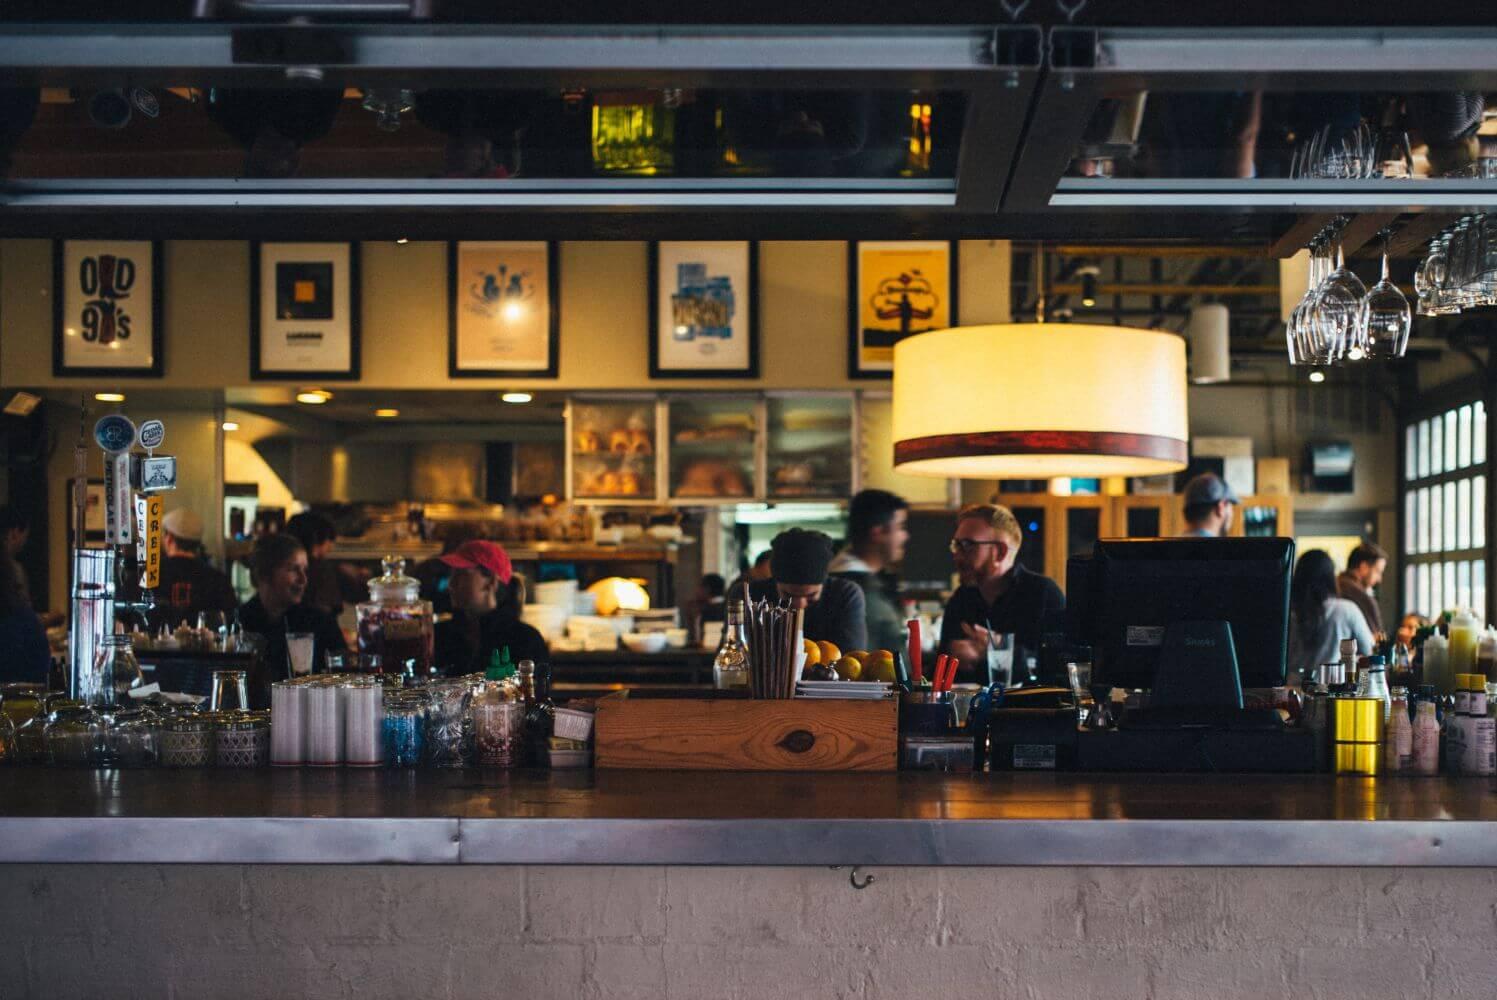 10 Dinge, die dir ein Kellner niemals sagen würde, aber du wissen solltest